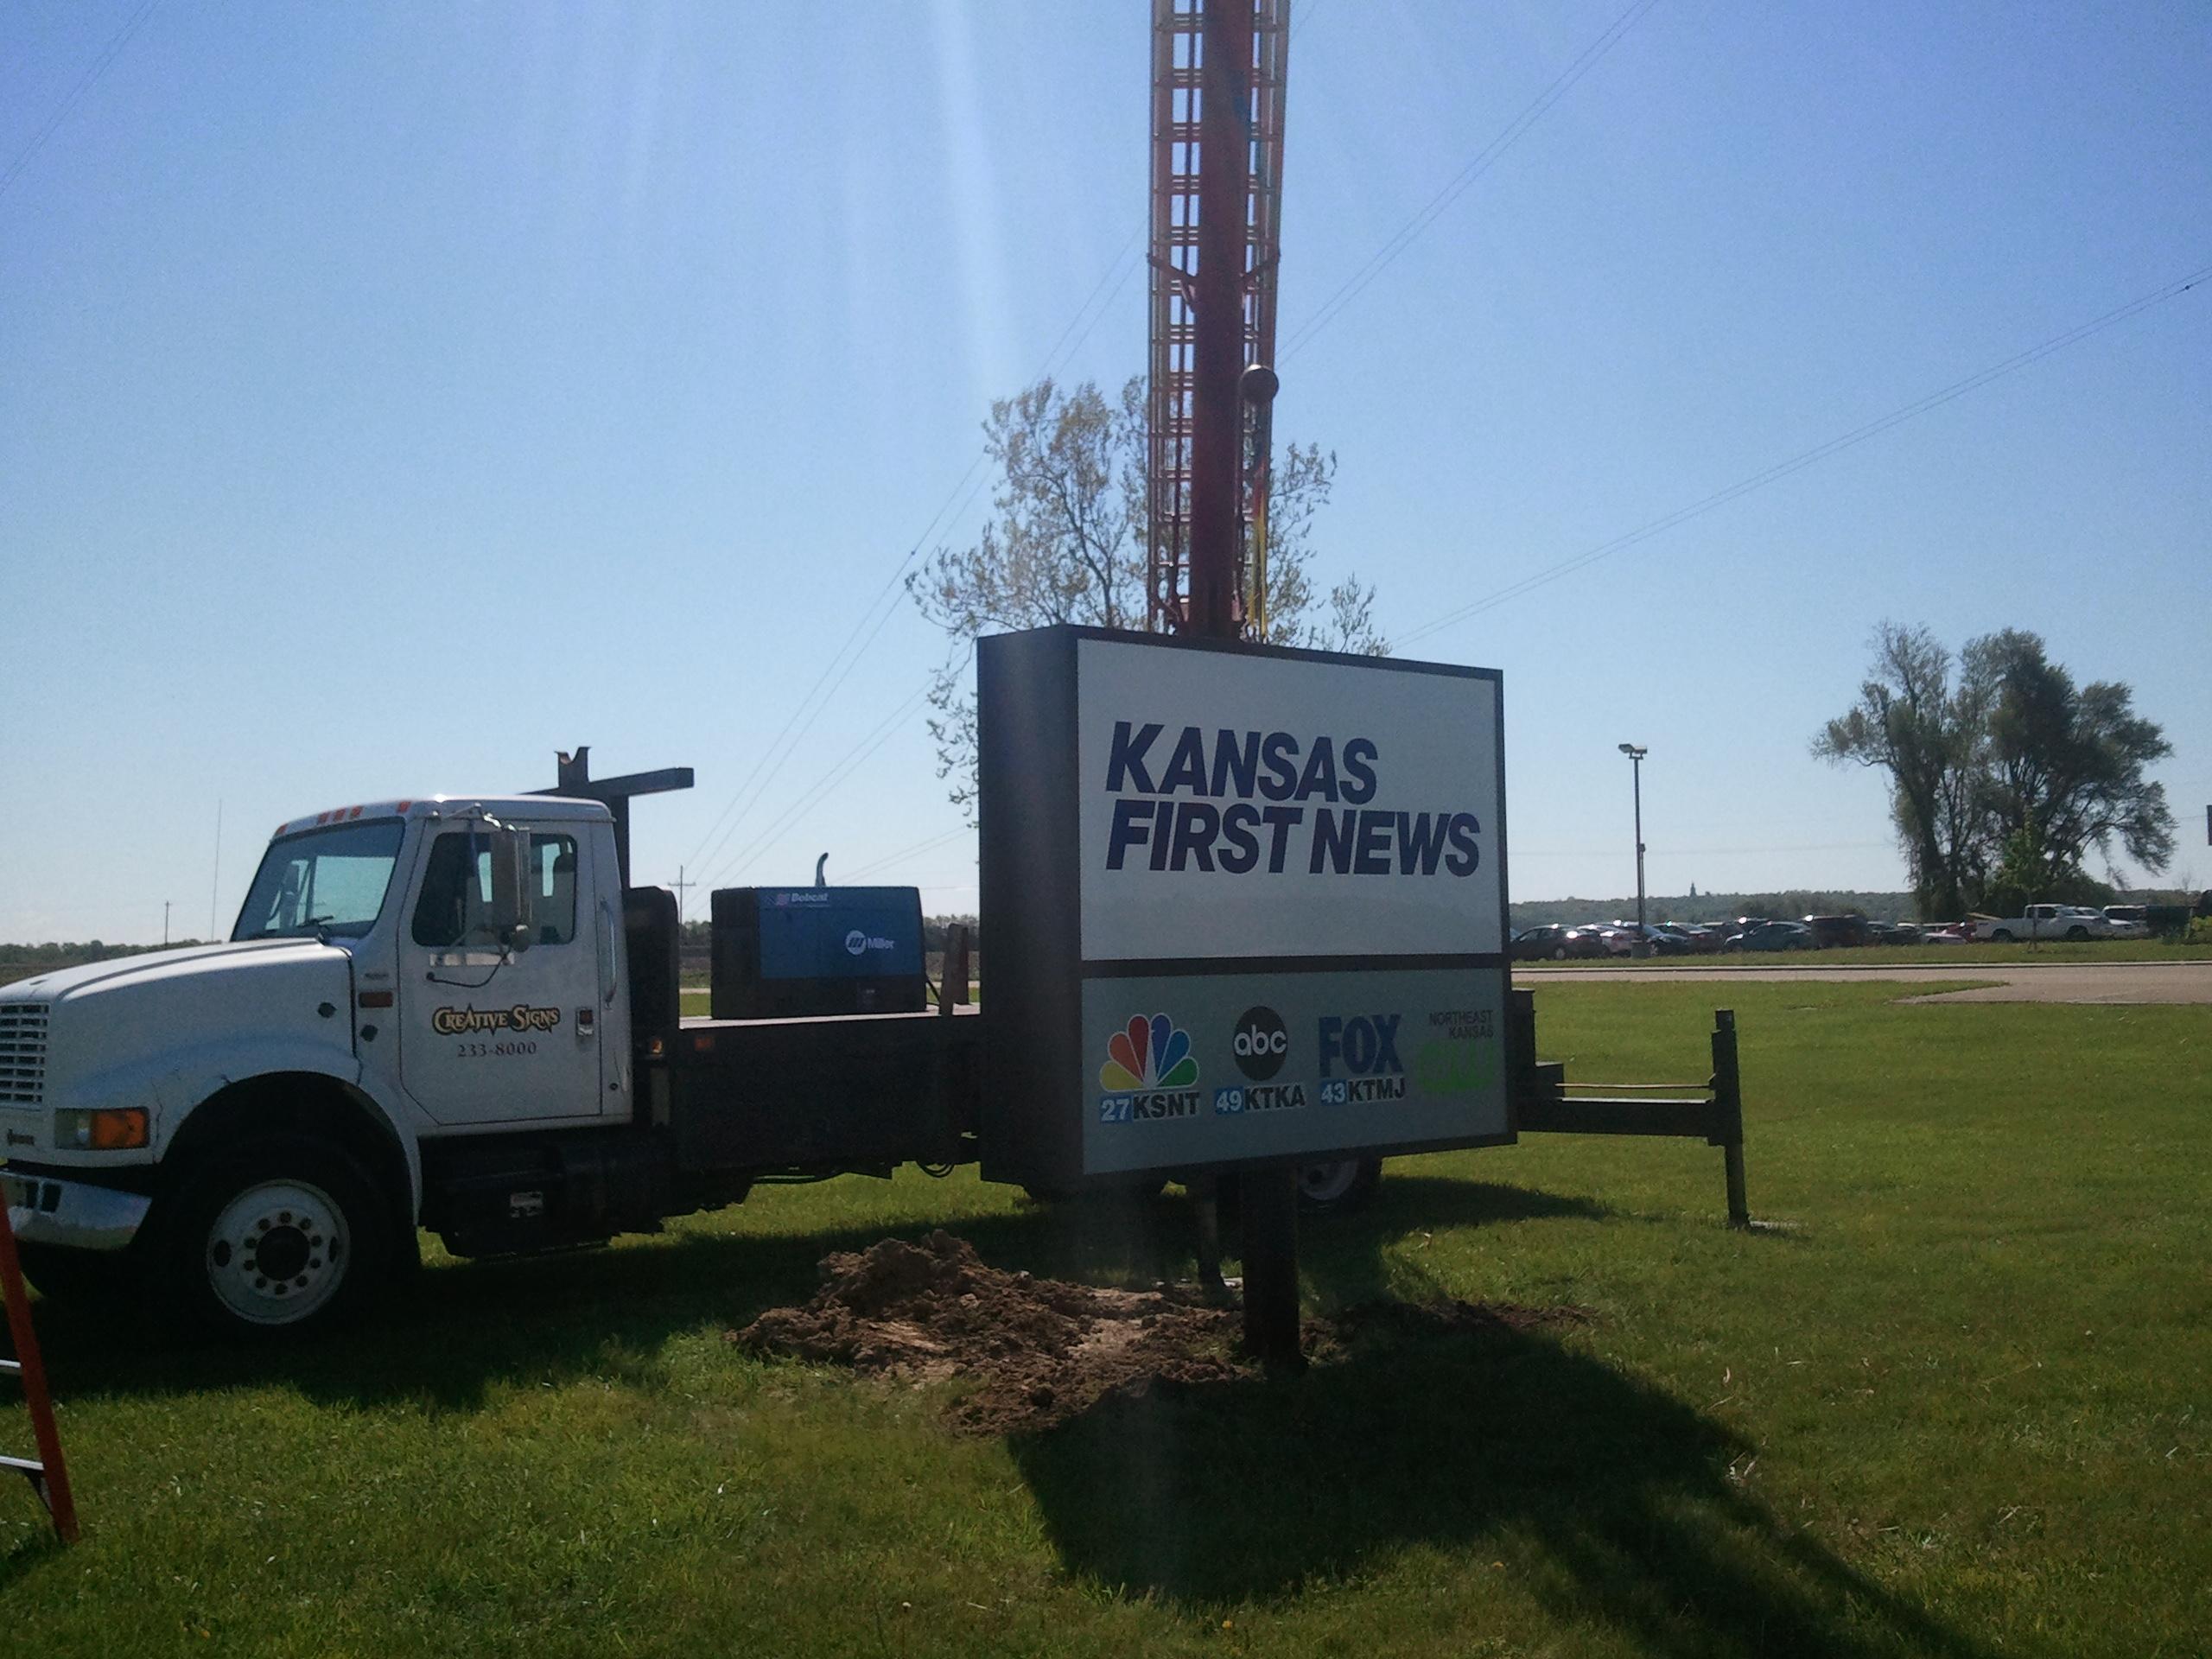 Kansas First News